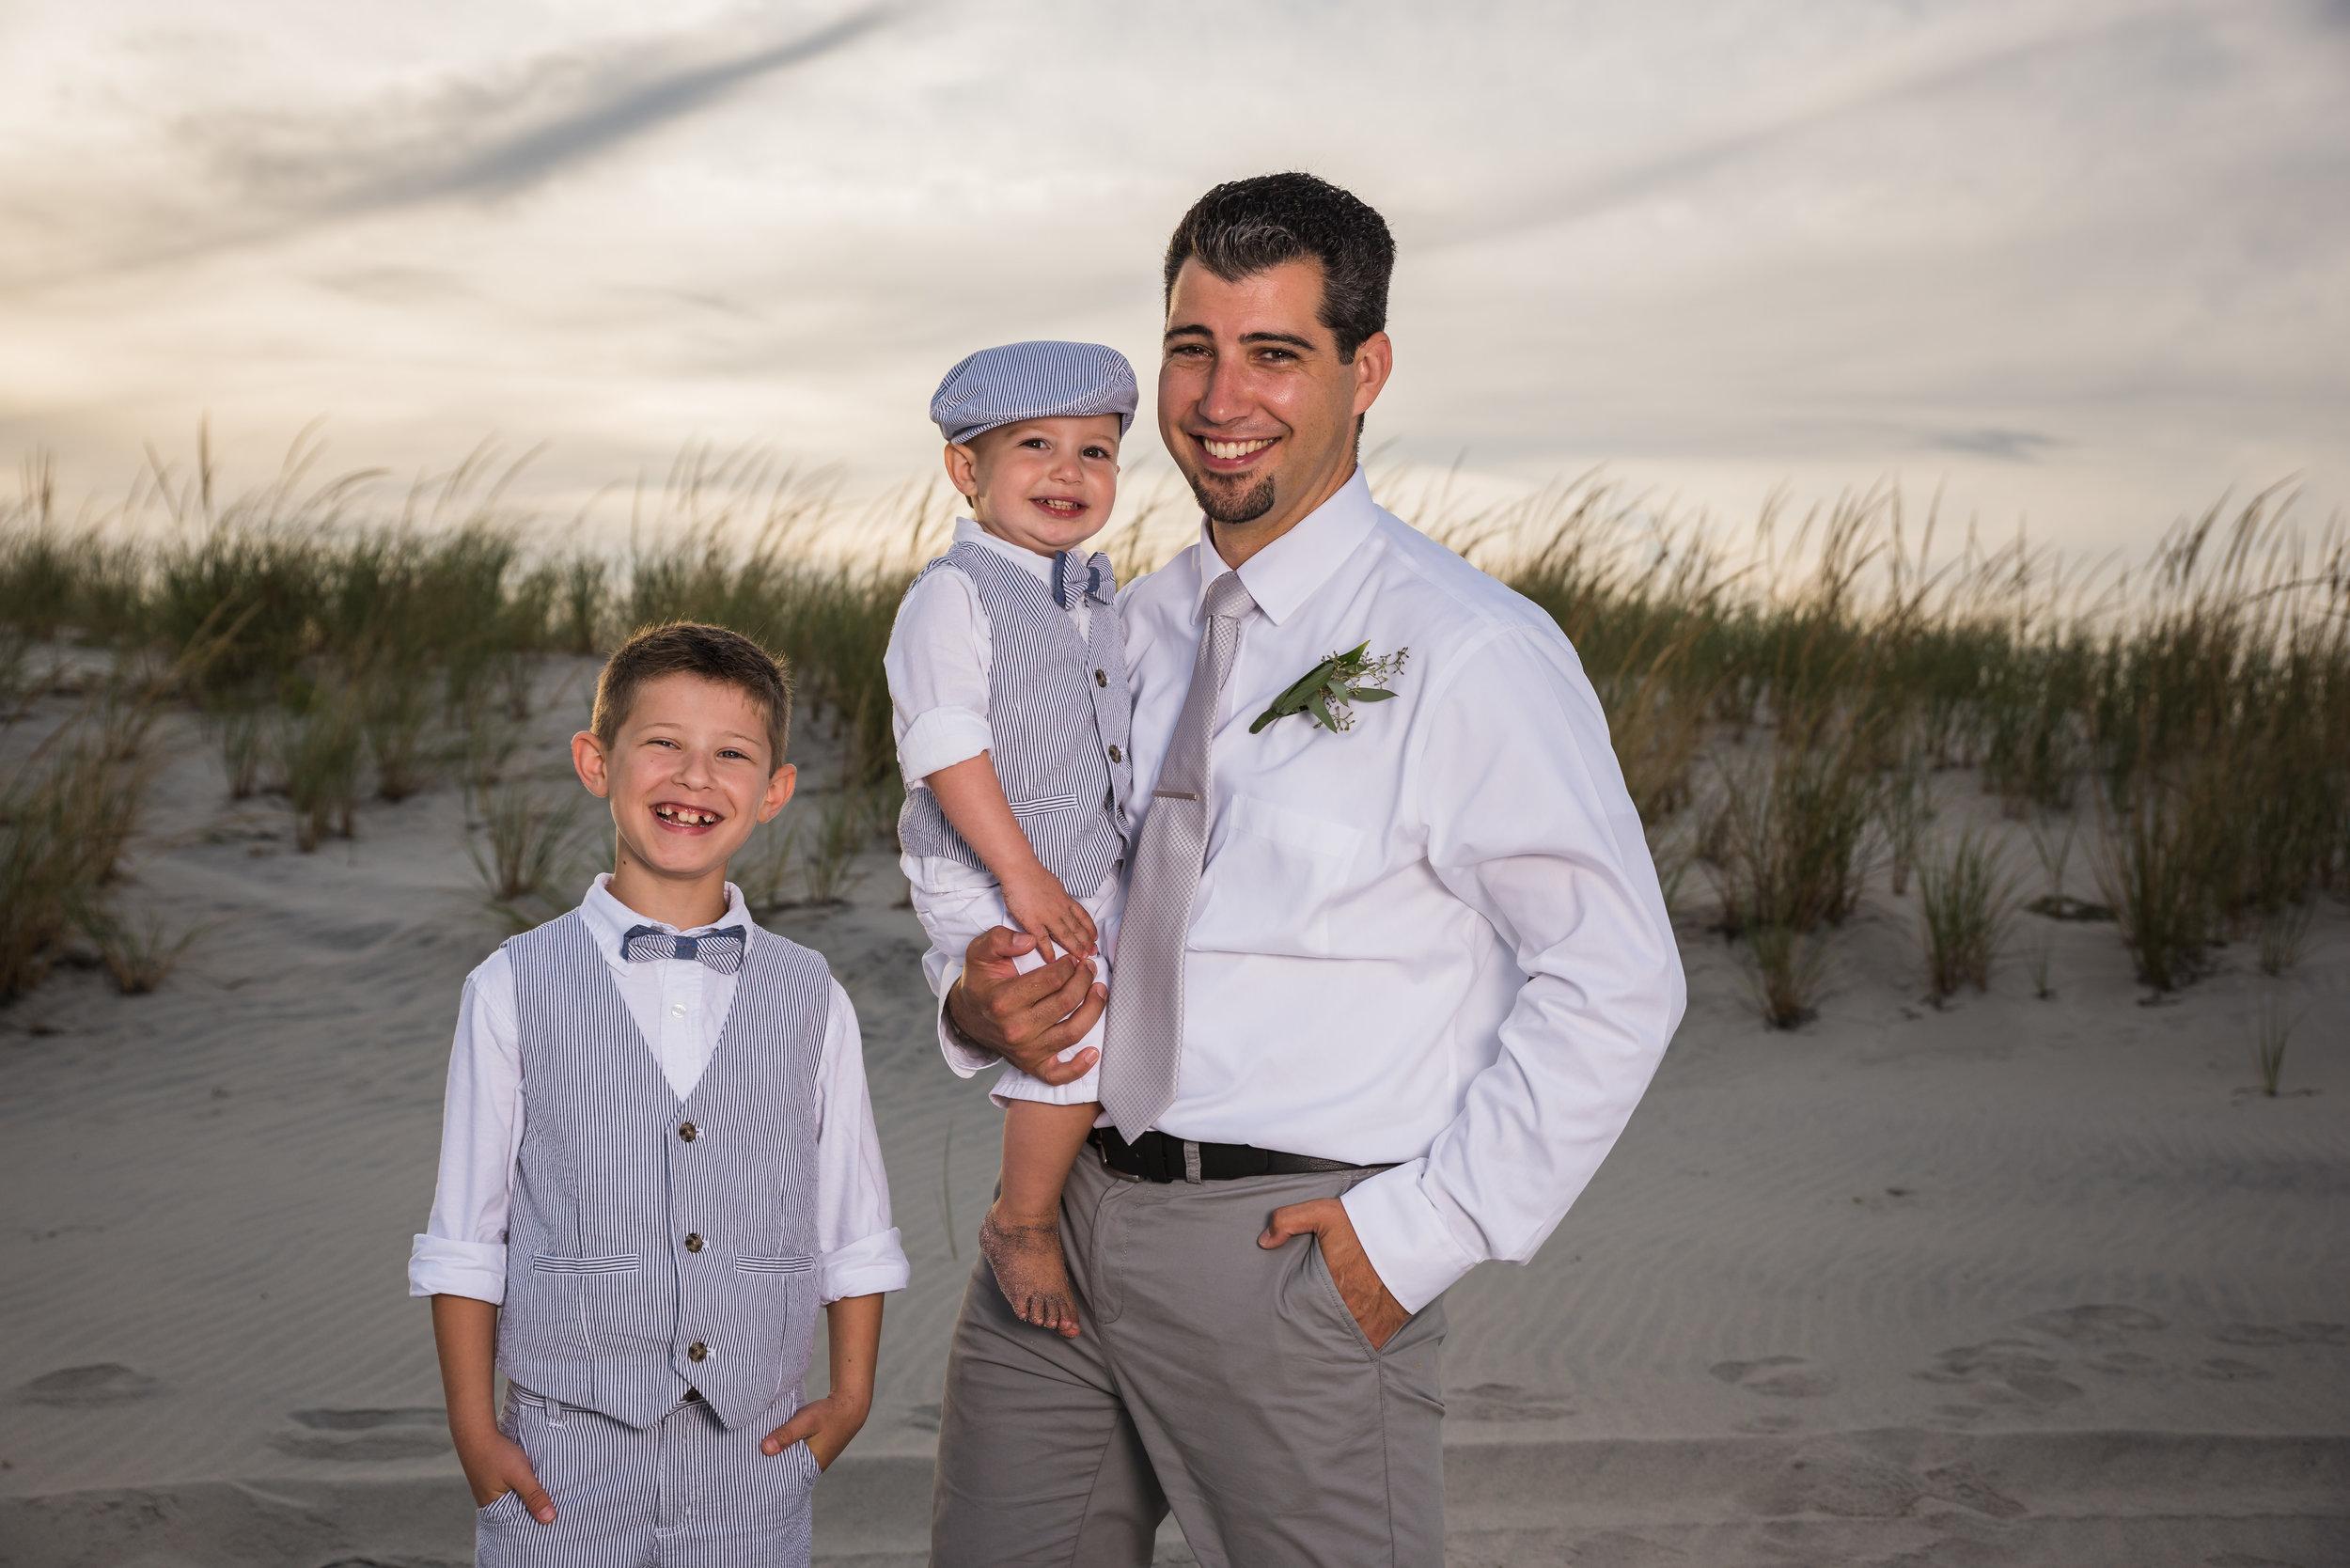 Long Beach Island Wedding Vow Photos Greg & Meagan 17